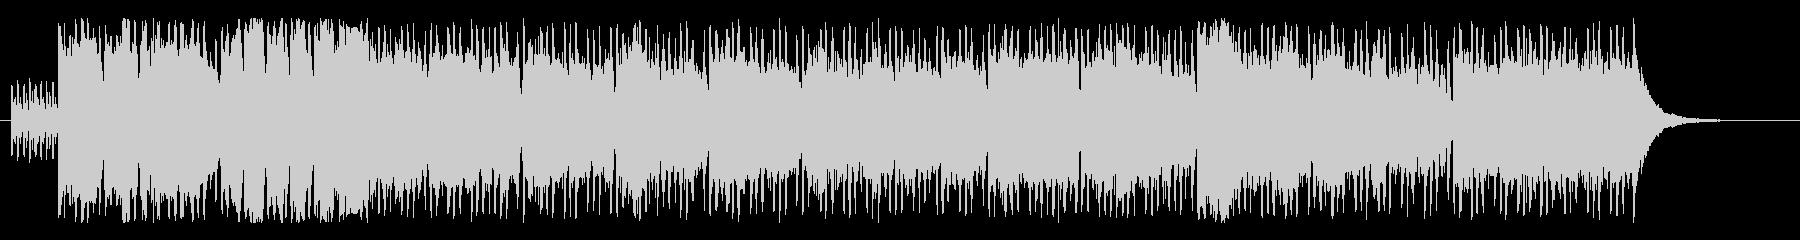 ブラームス1-4ロックアレンジ生trbの未再生の波形